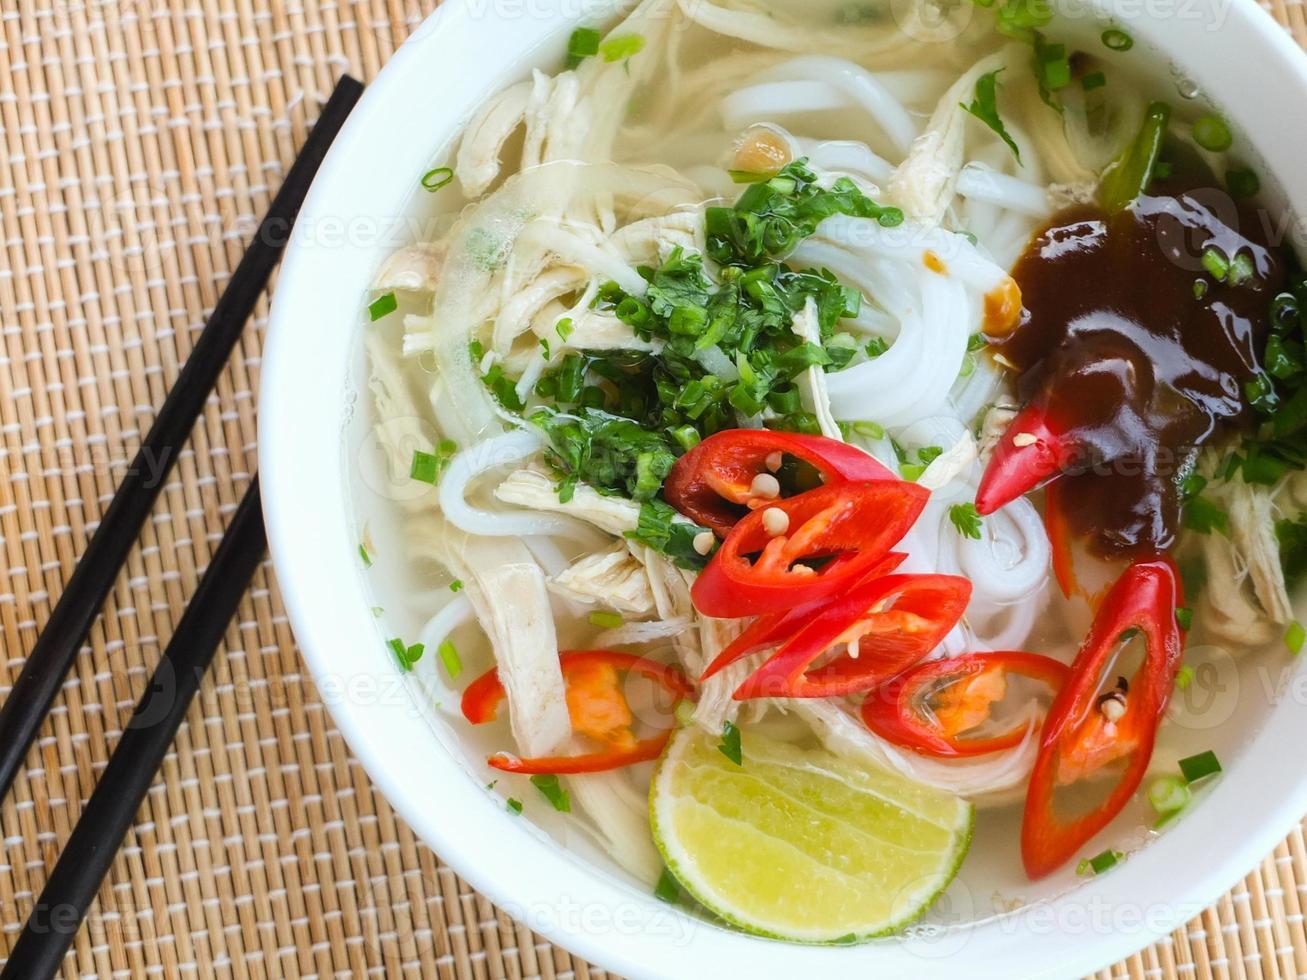 soupe au poulet et aux nouilles au poulet asiatique photo